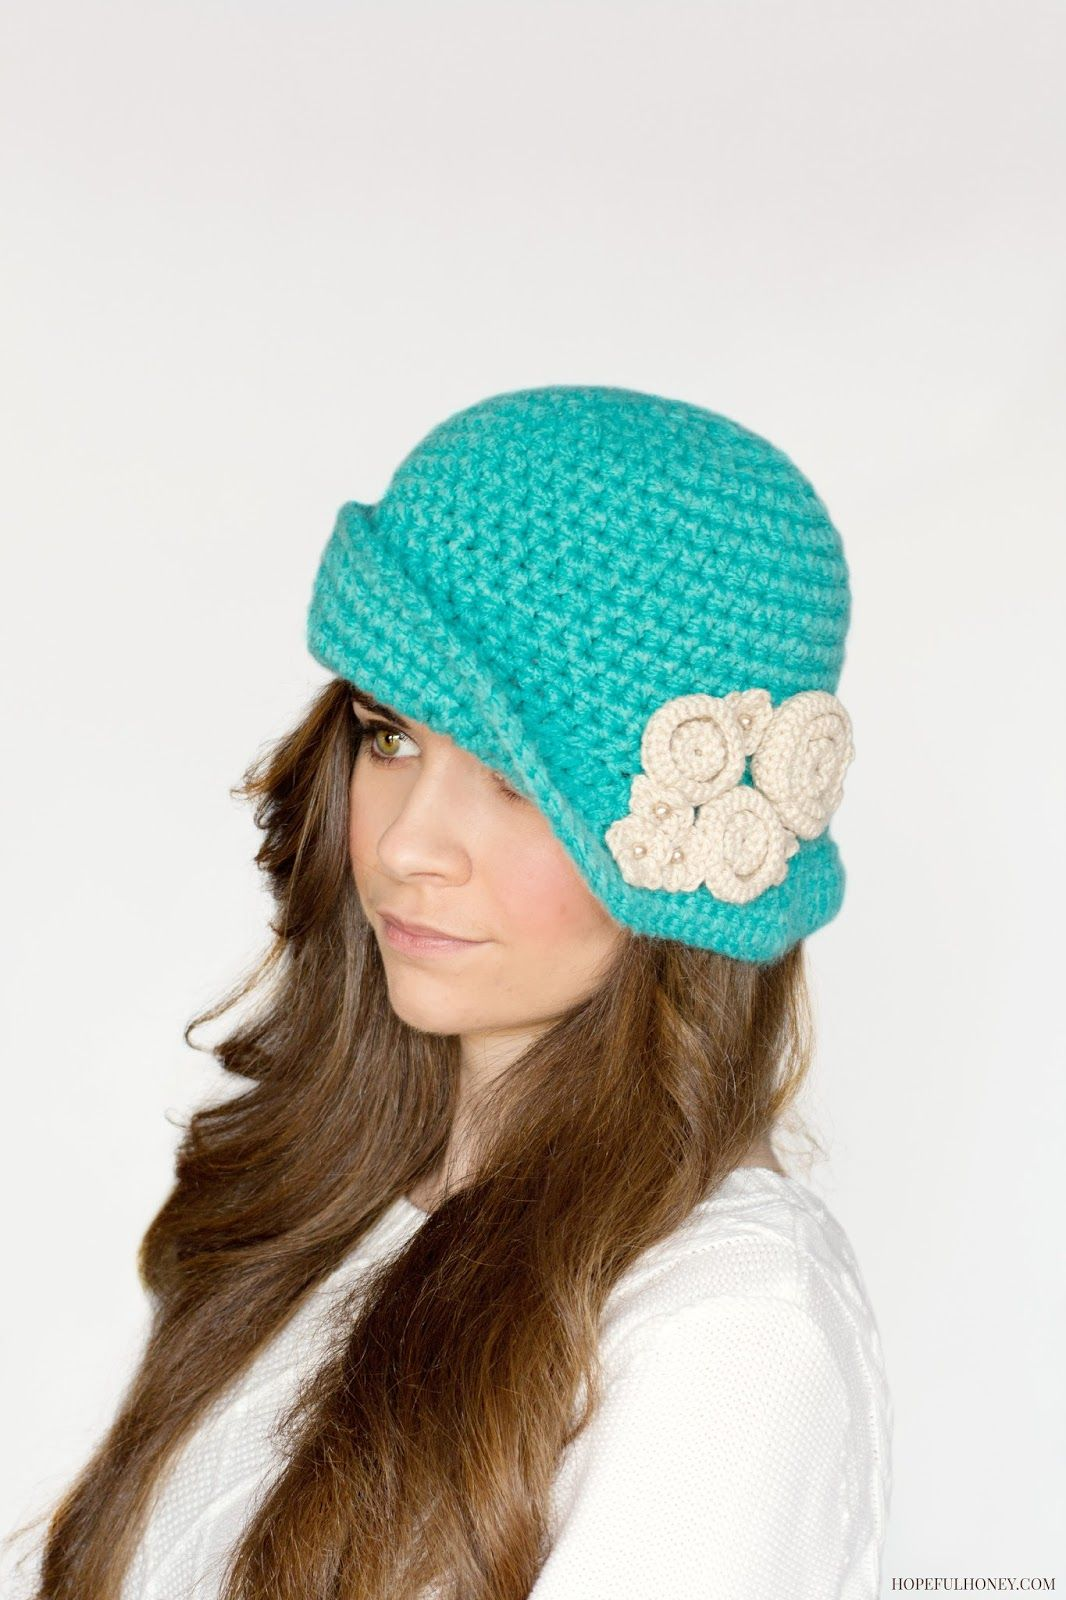 Charleston Cloche Hat Crochet Pattern | Hüte, Mütze und Hüte und Mützen